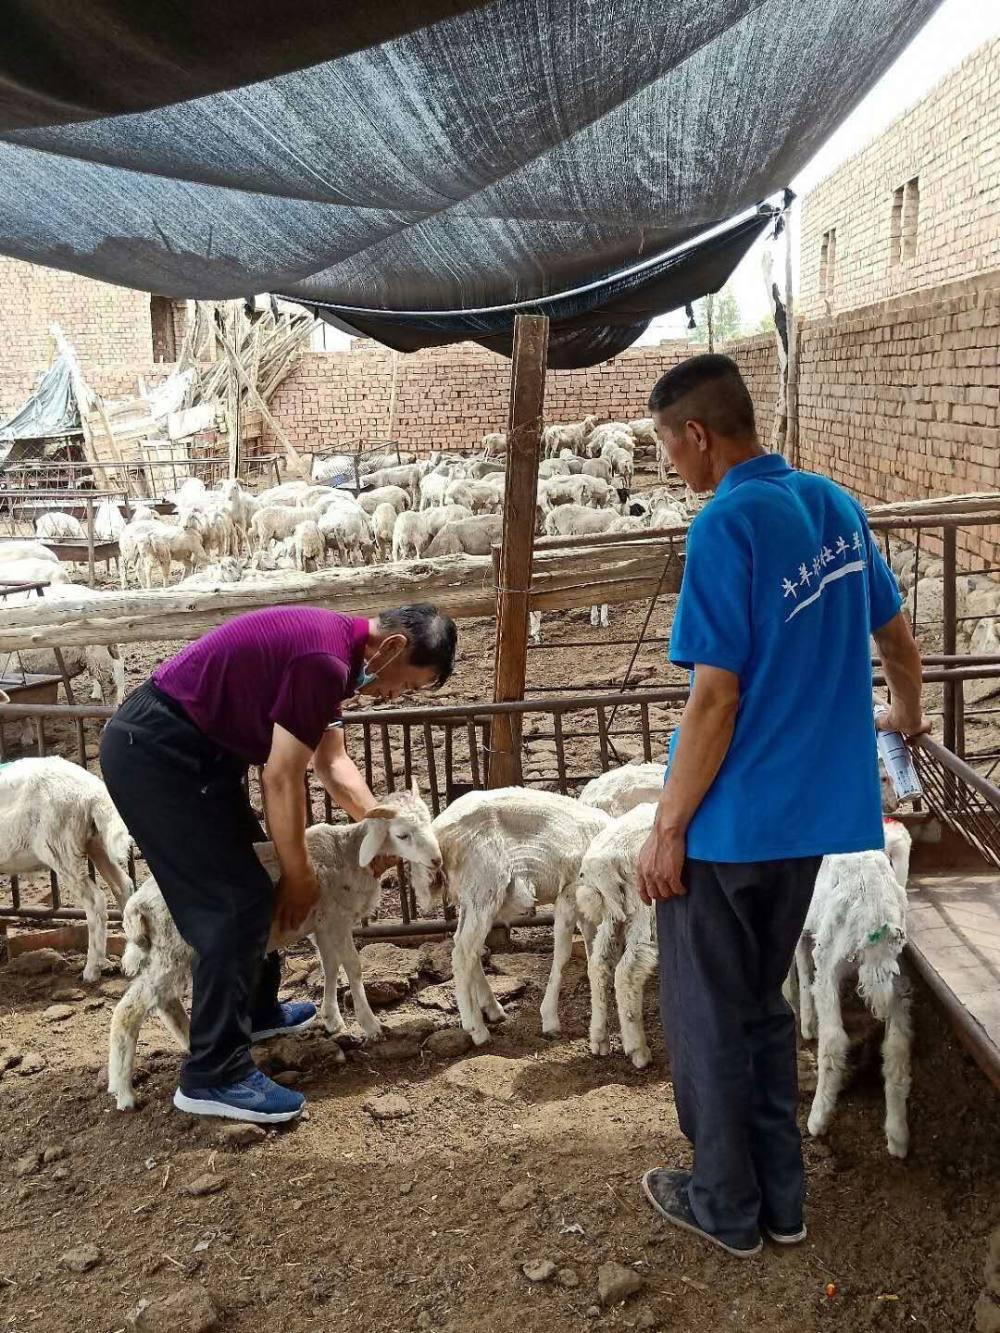 整群羊食欲差倒嚼少死亡多的病因调查